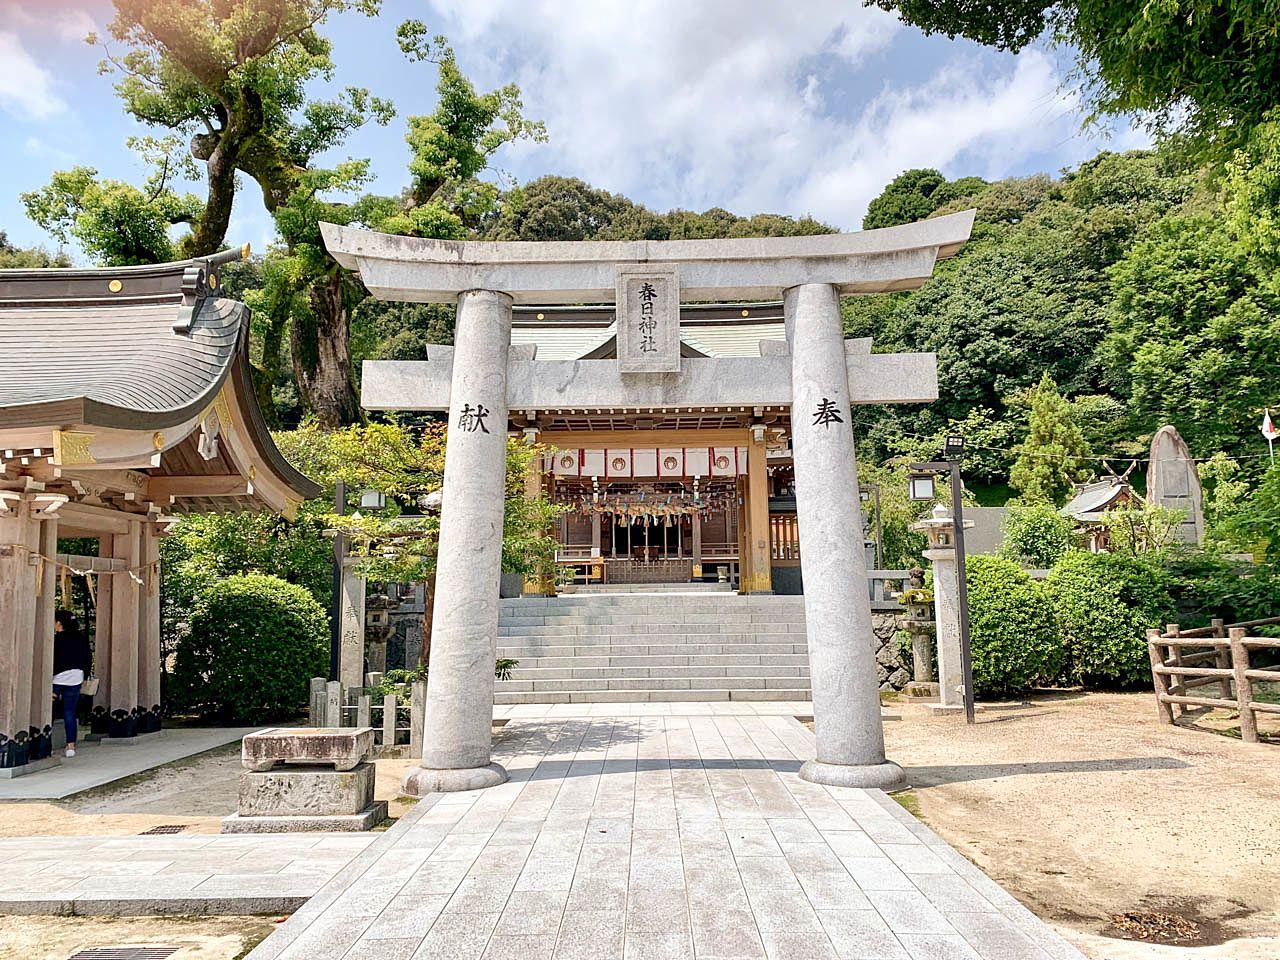 インスタ映えで有名になっている春日神社です